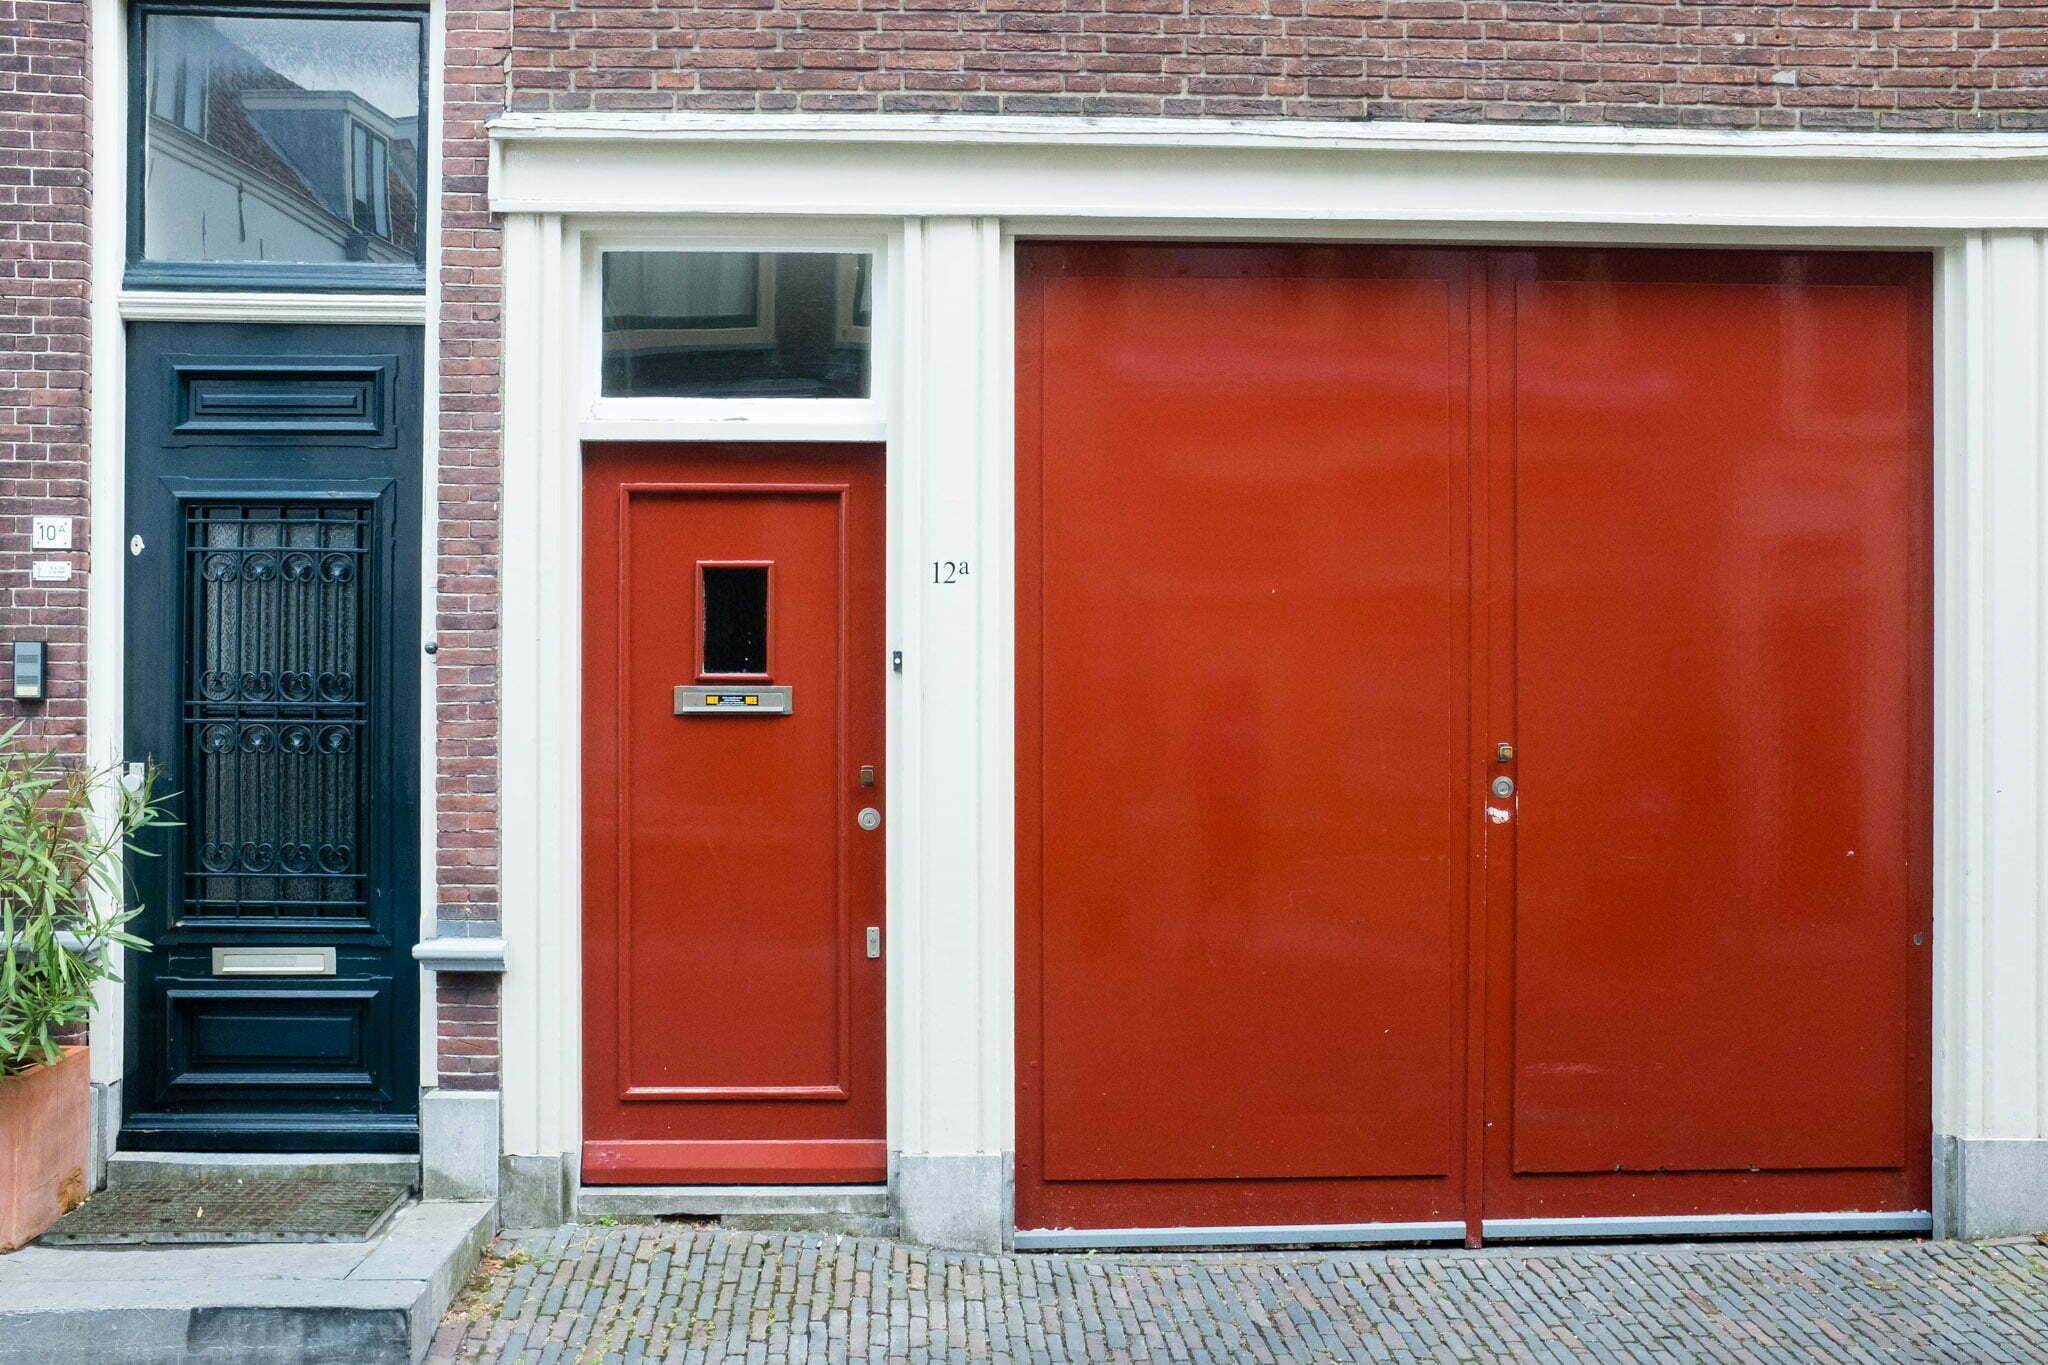 leiden-netherlands-2314-pete-carr